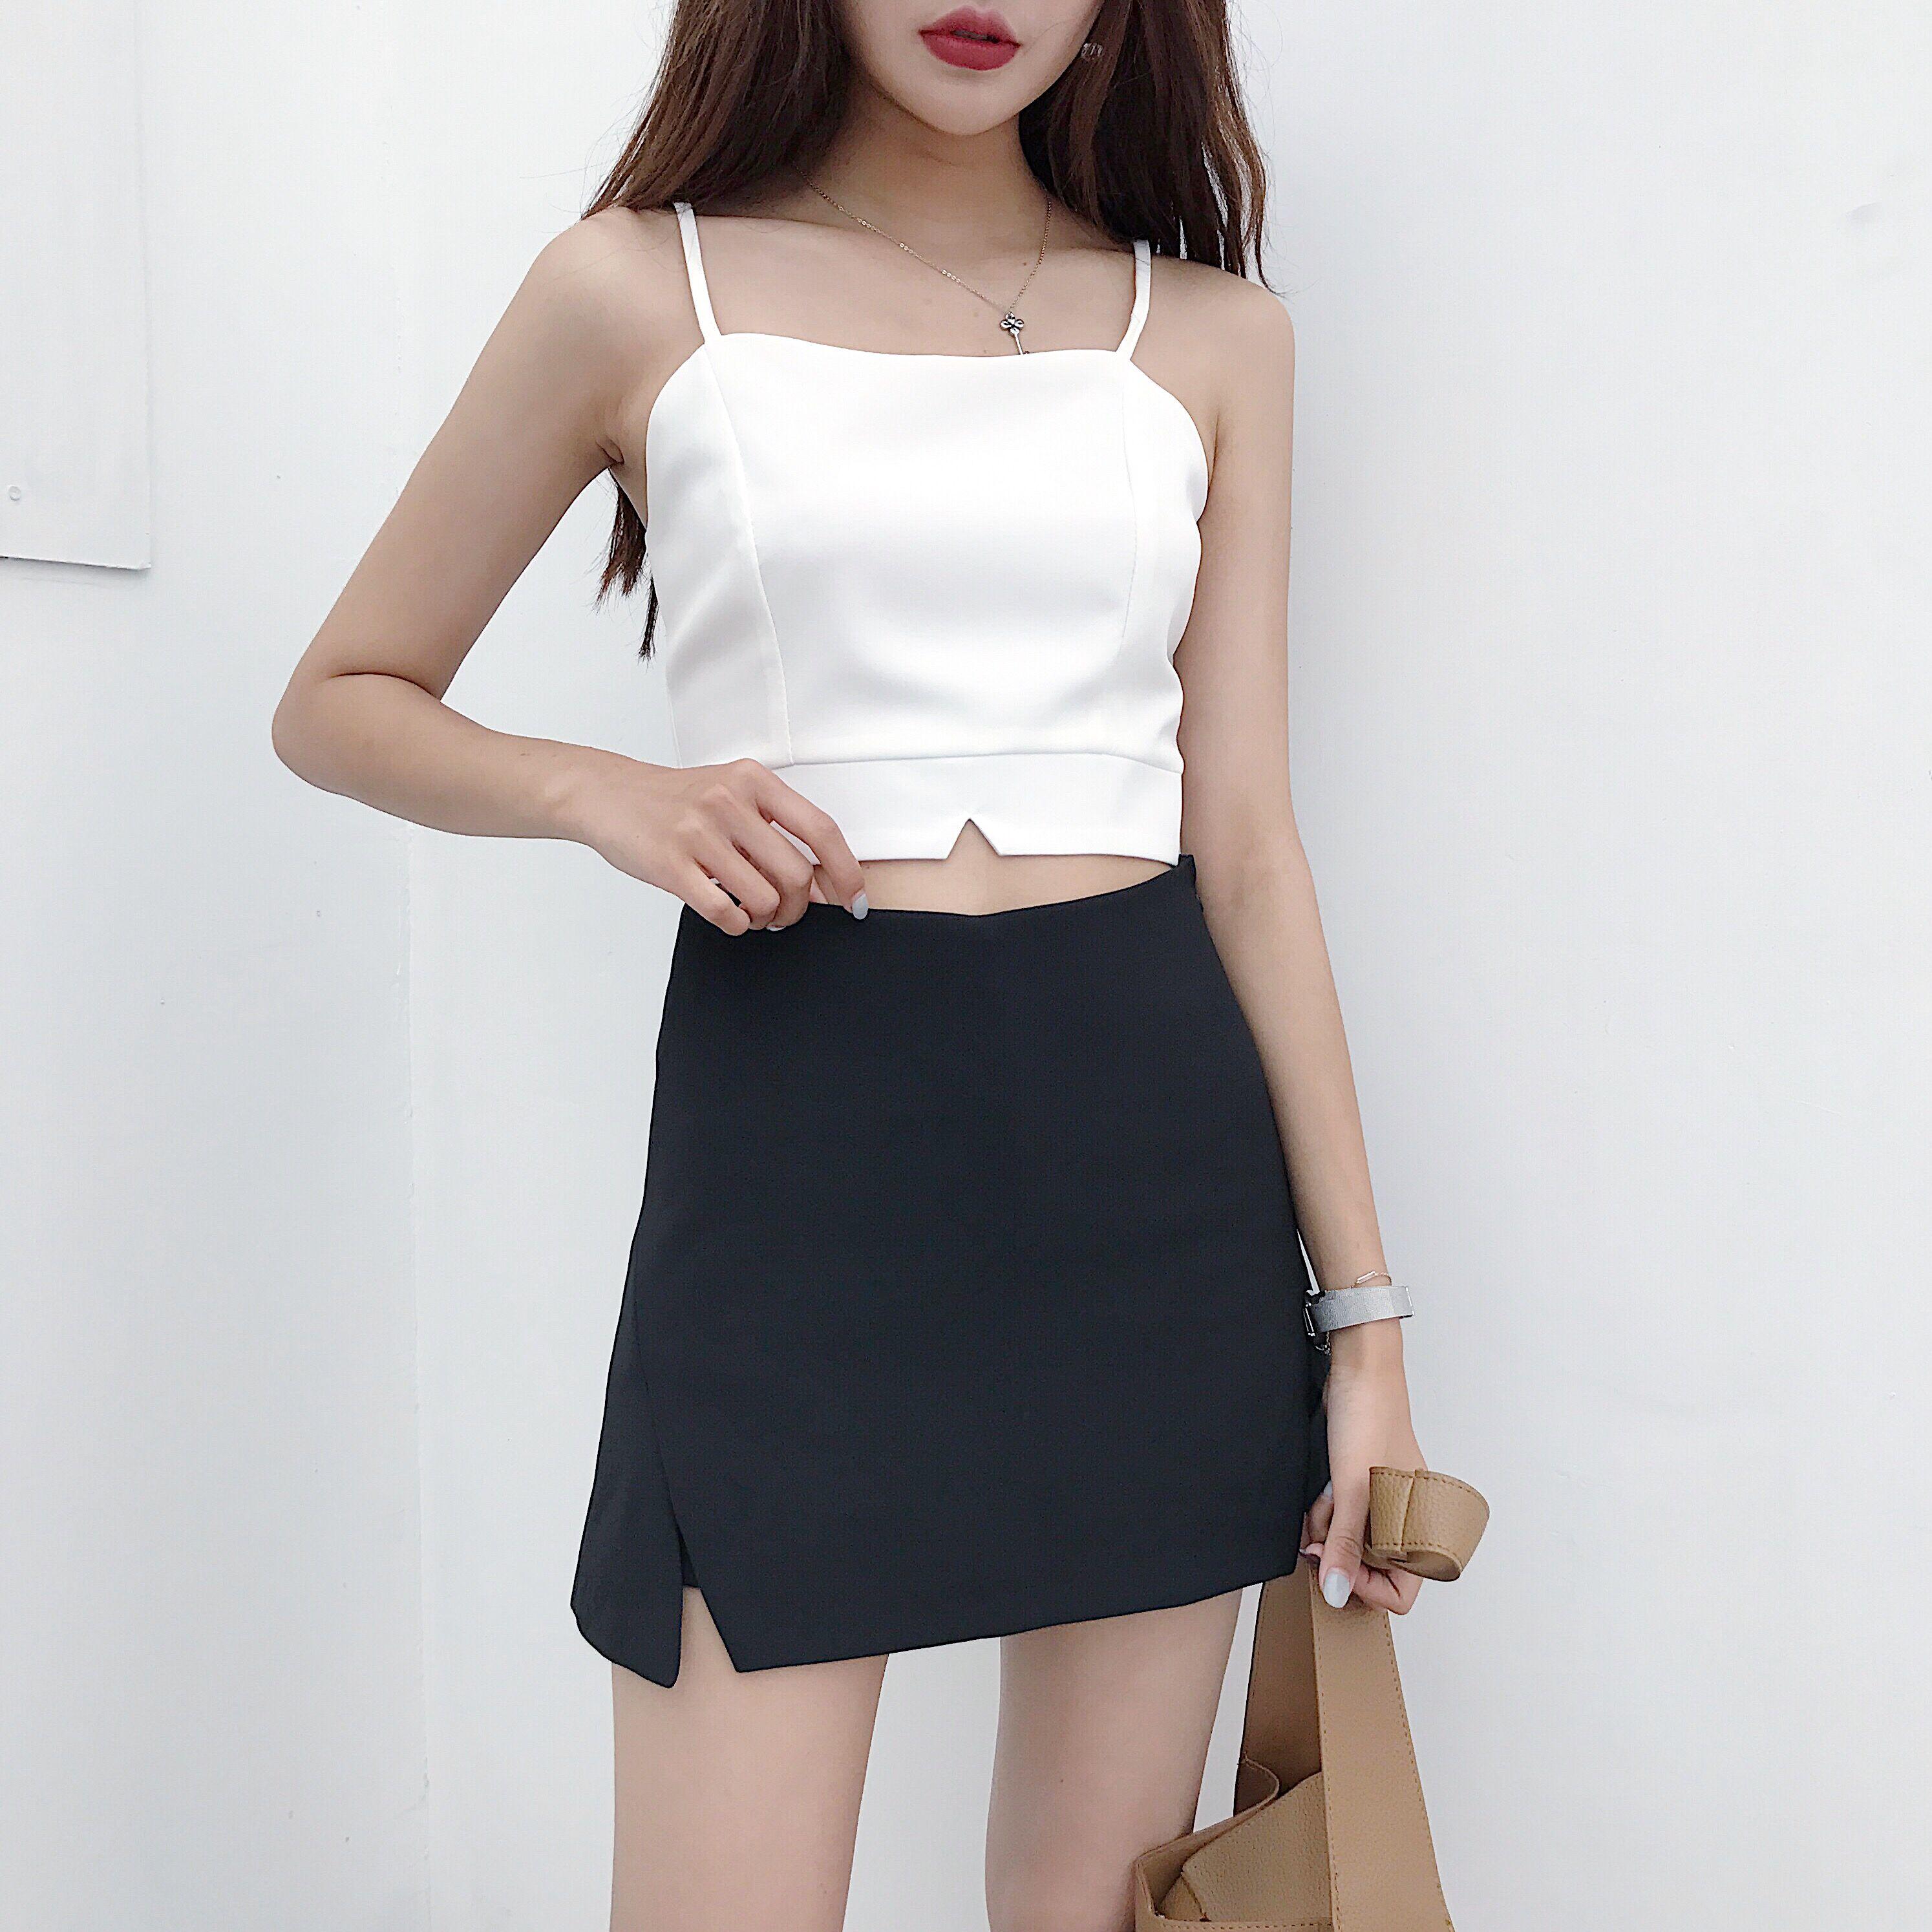 Elegant Gasolid Sexy A-line Skirt Women Bodycon High Waist Black Skirt Femme Summer 2019 White Mini Skirt Office Ol Work Wear